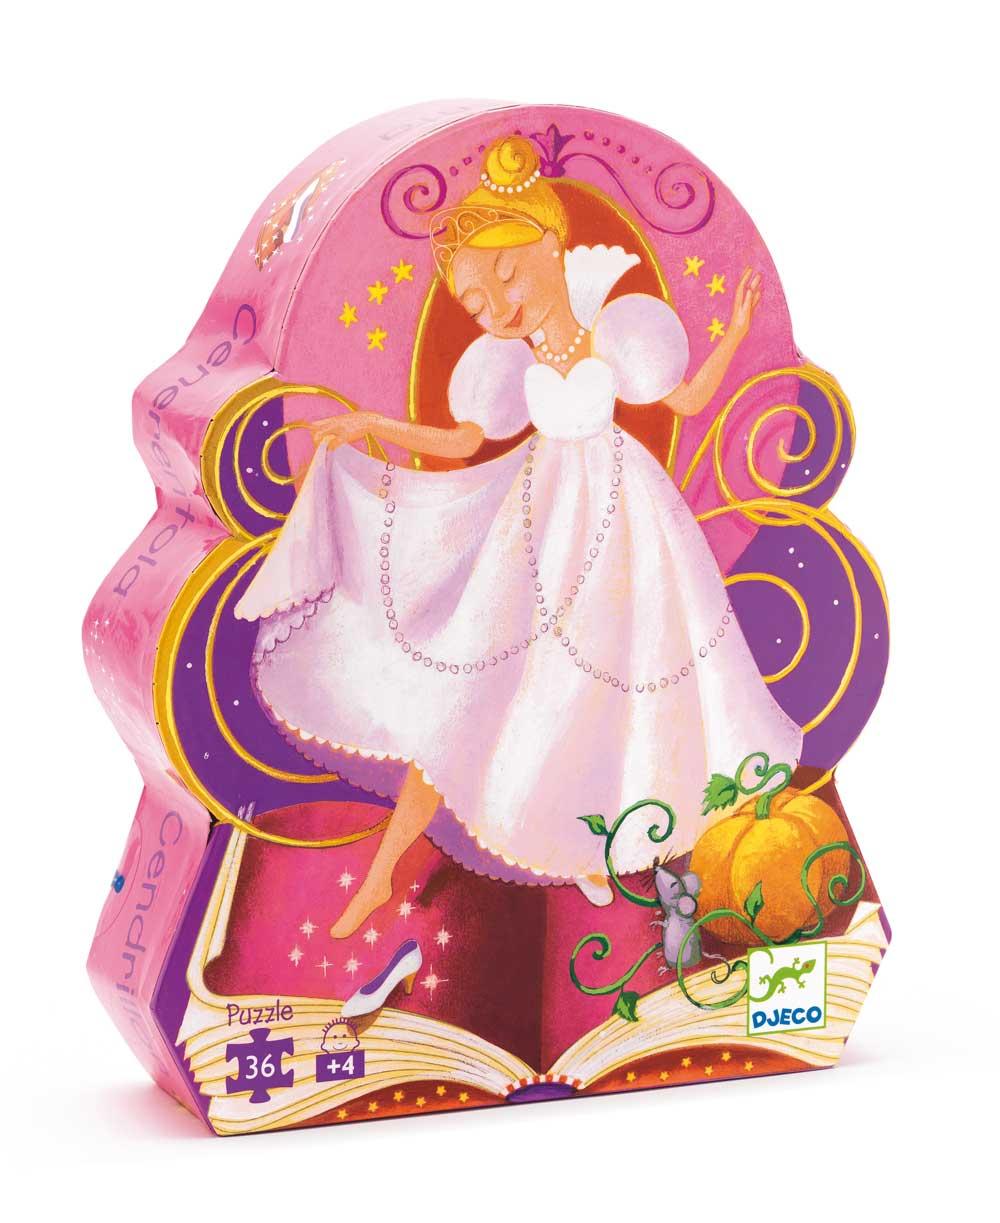 Djeco 7232 Silhouette Puzzle Cinderella